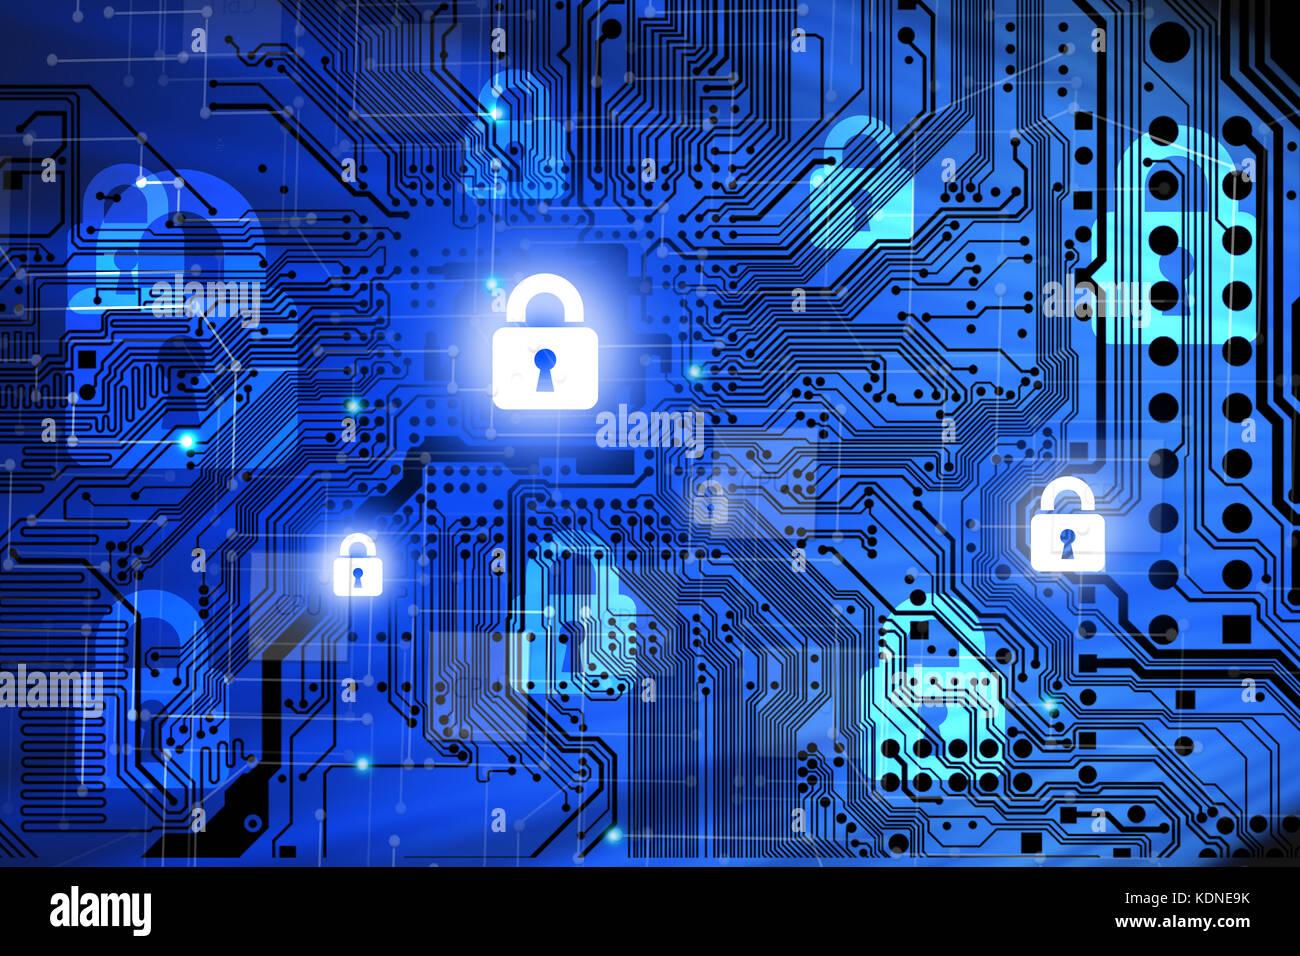 Concept de sécurité internet avec carte mère de l'ordinateur et casier Banque D'Images